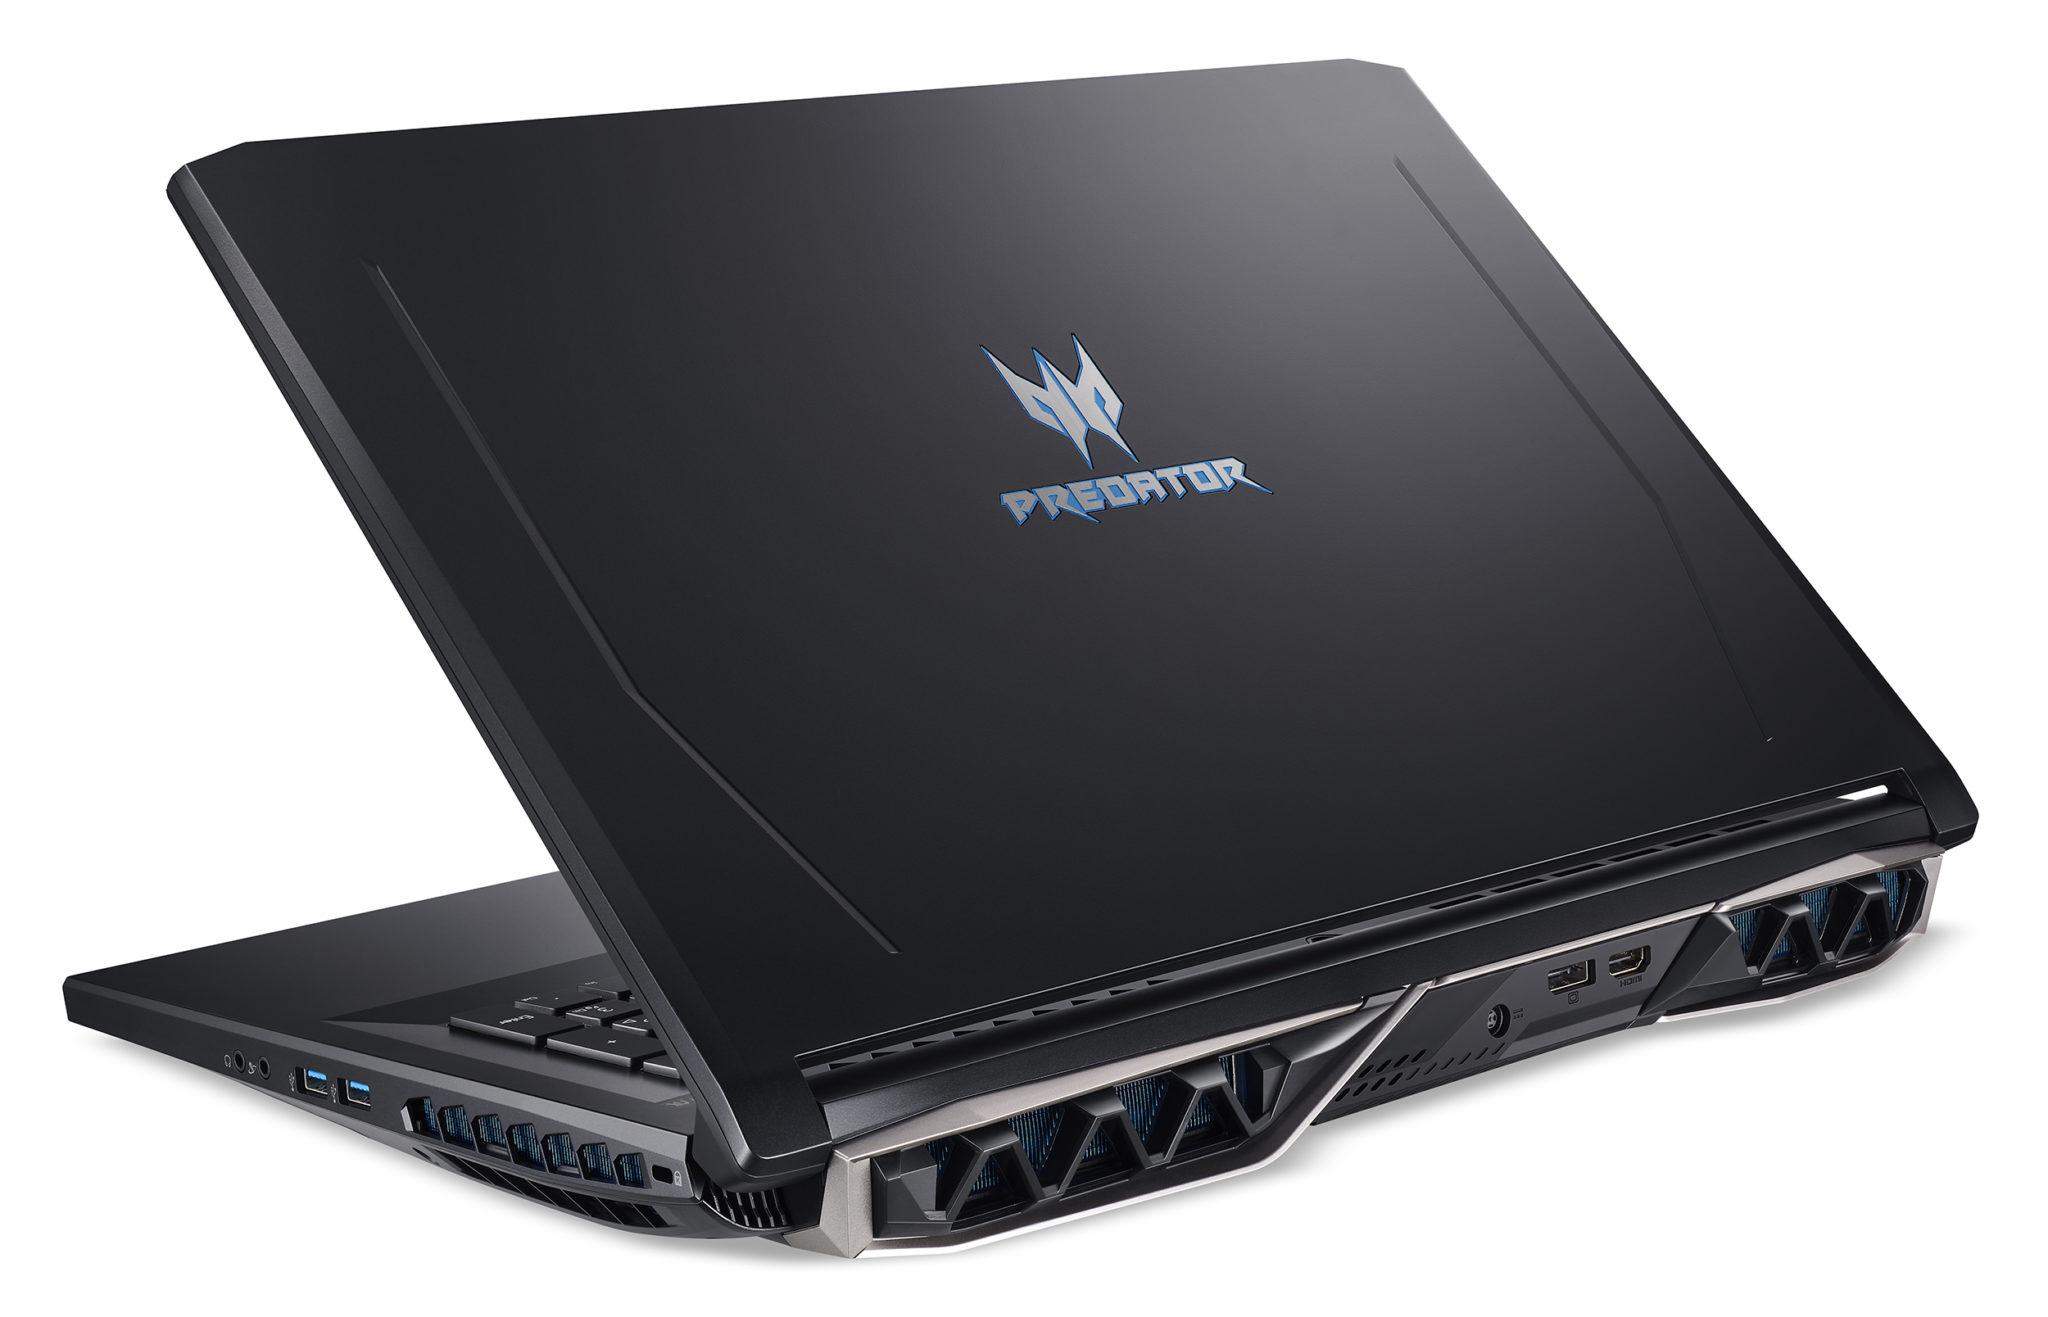 A Predator Helios 500 és a Predator Helios 300 Special Edition élvonalbeli hűtési technológiákat és radikálisan új dizájnt kínál